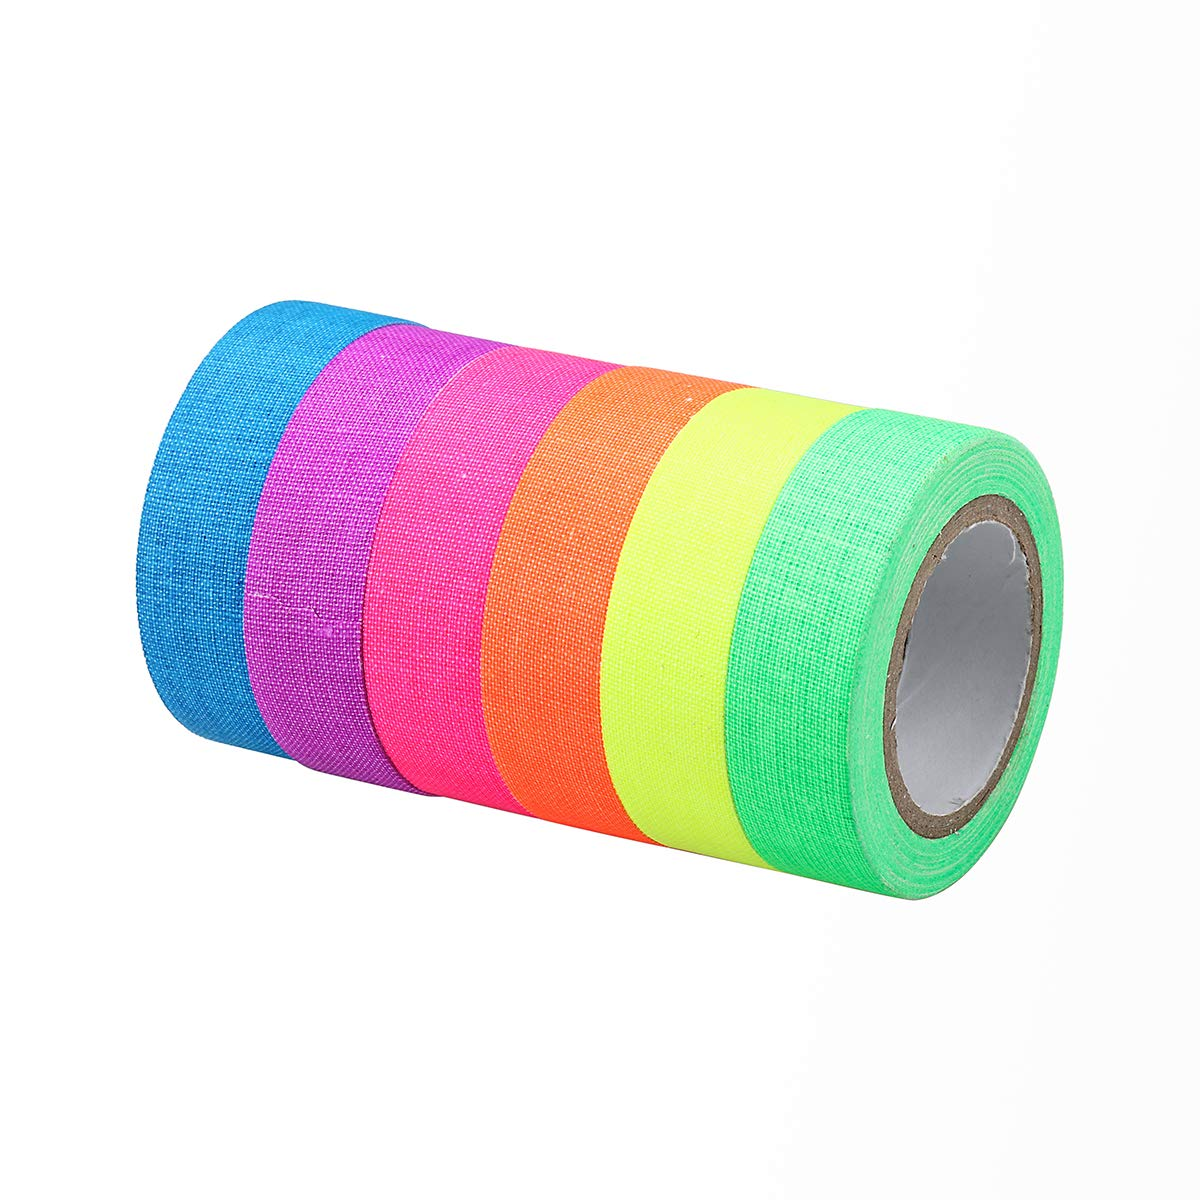 Weiye Glow Tape–Neon Glow in The Dark Ruban adhésif–Fluo et Lumineux réfléchissant Tape-Safety Lumineux pour salles de Noir et Les Zones Sombres